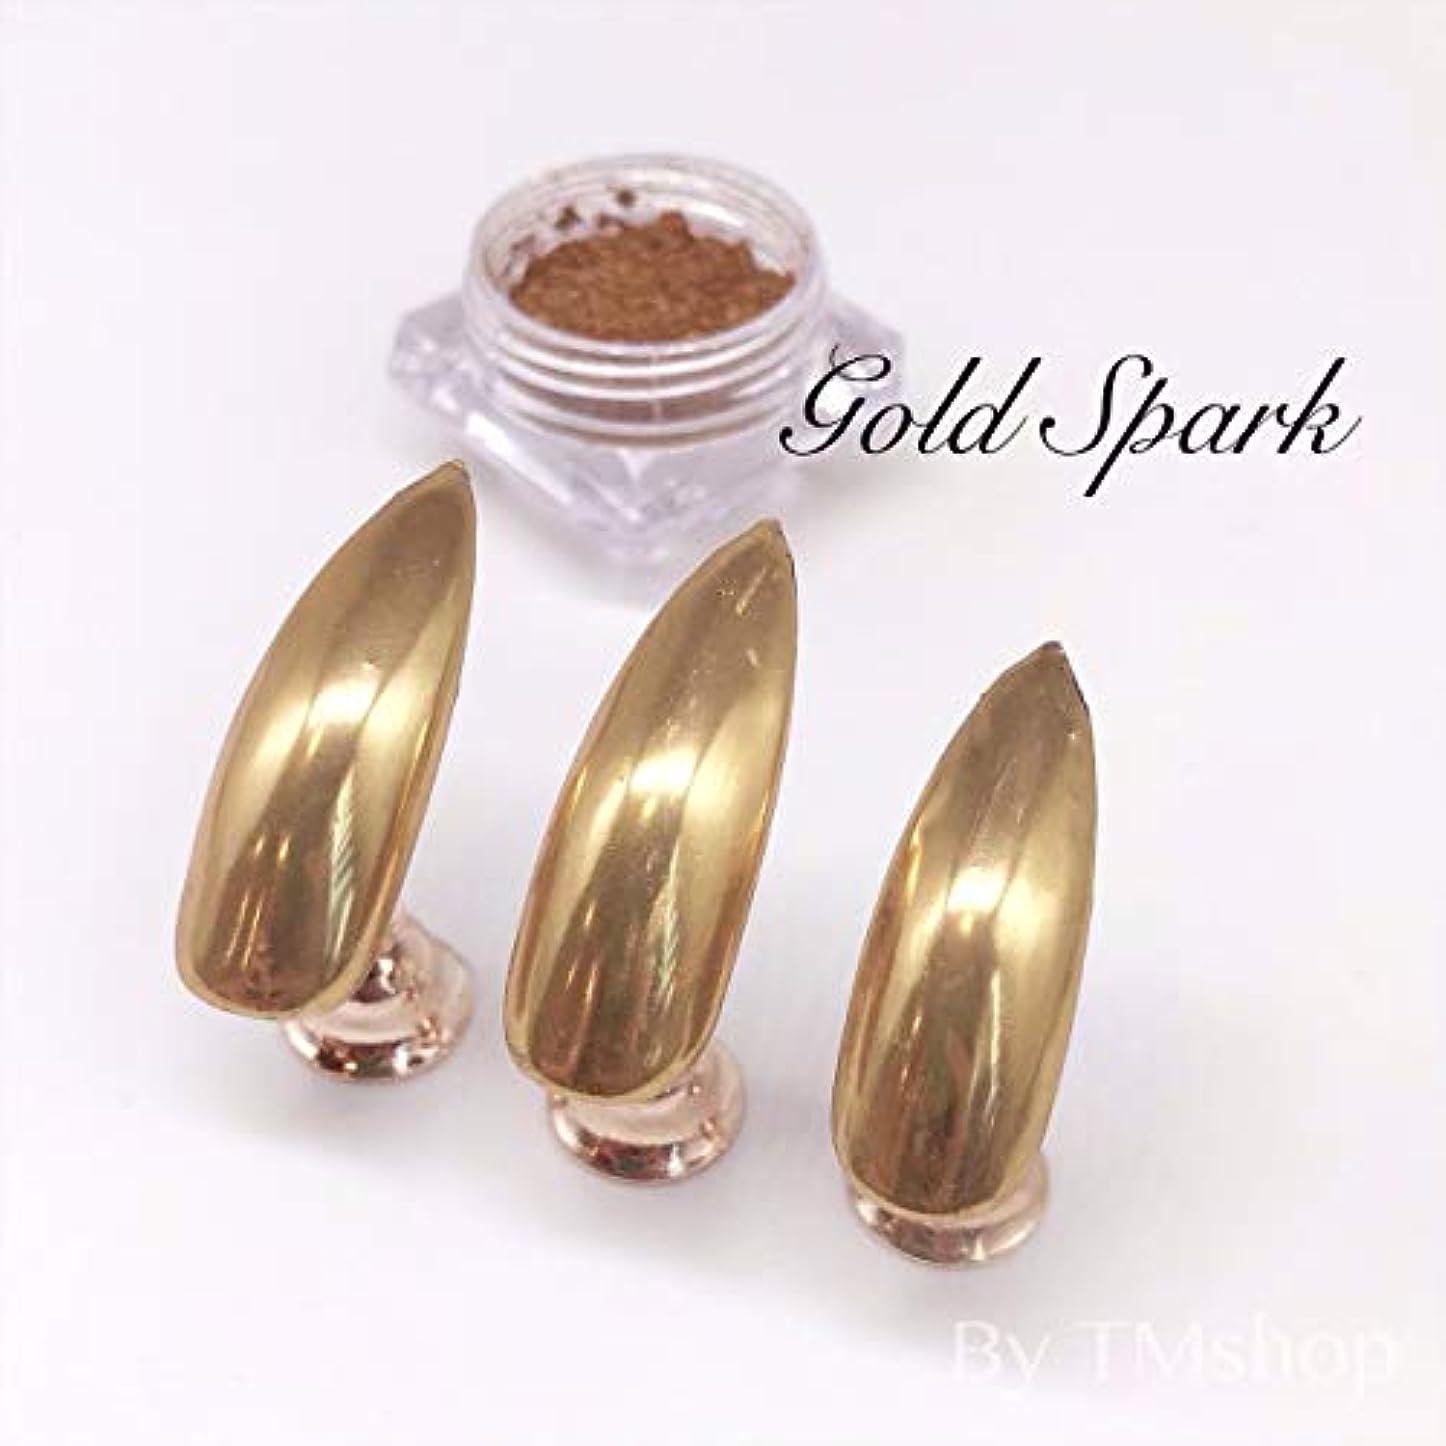 曲げる通知簡単に最高品質 ミラーパウダー ゴールドスパーク 0.5グラム クロームパウダー ネイルアート ジェルネイルアート